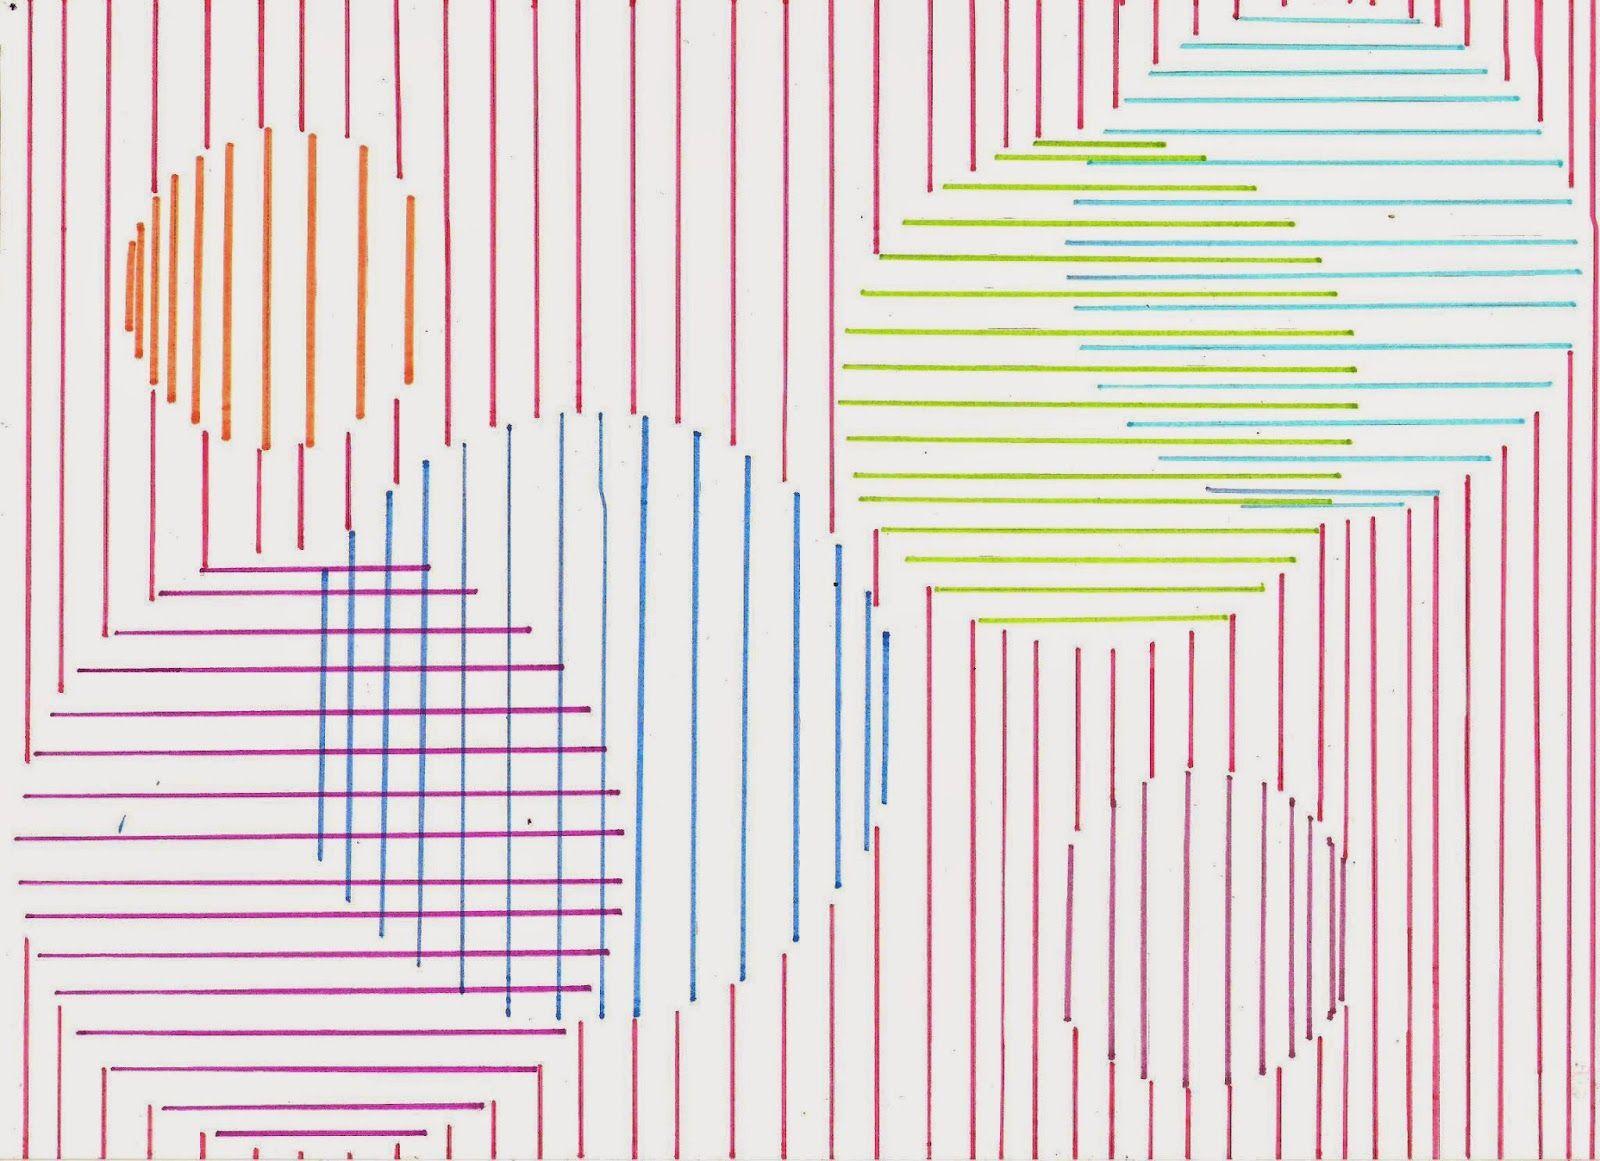 En La Clase De Plastica 1º Eso 1ª Evaluacion Curso 2014 15 Paralelas Y Perpendiculares Dibujo Con Lineas Lineas Paralelas